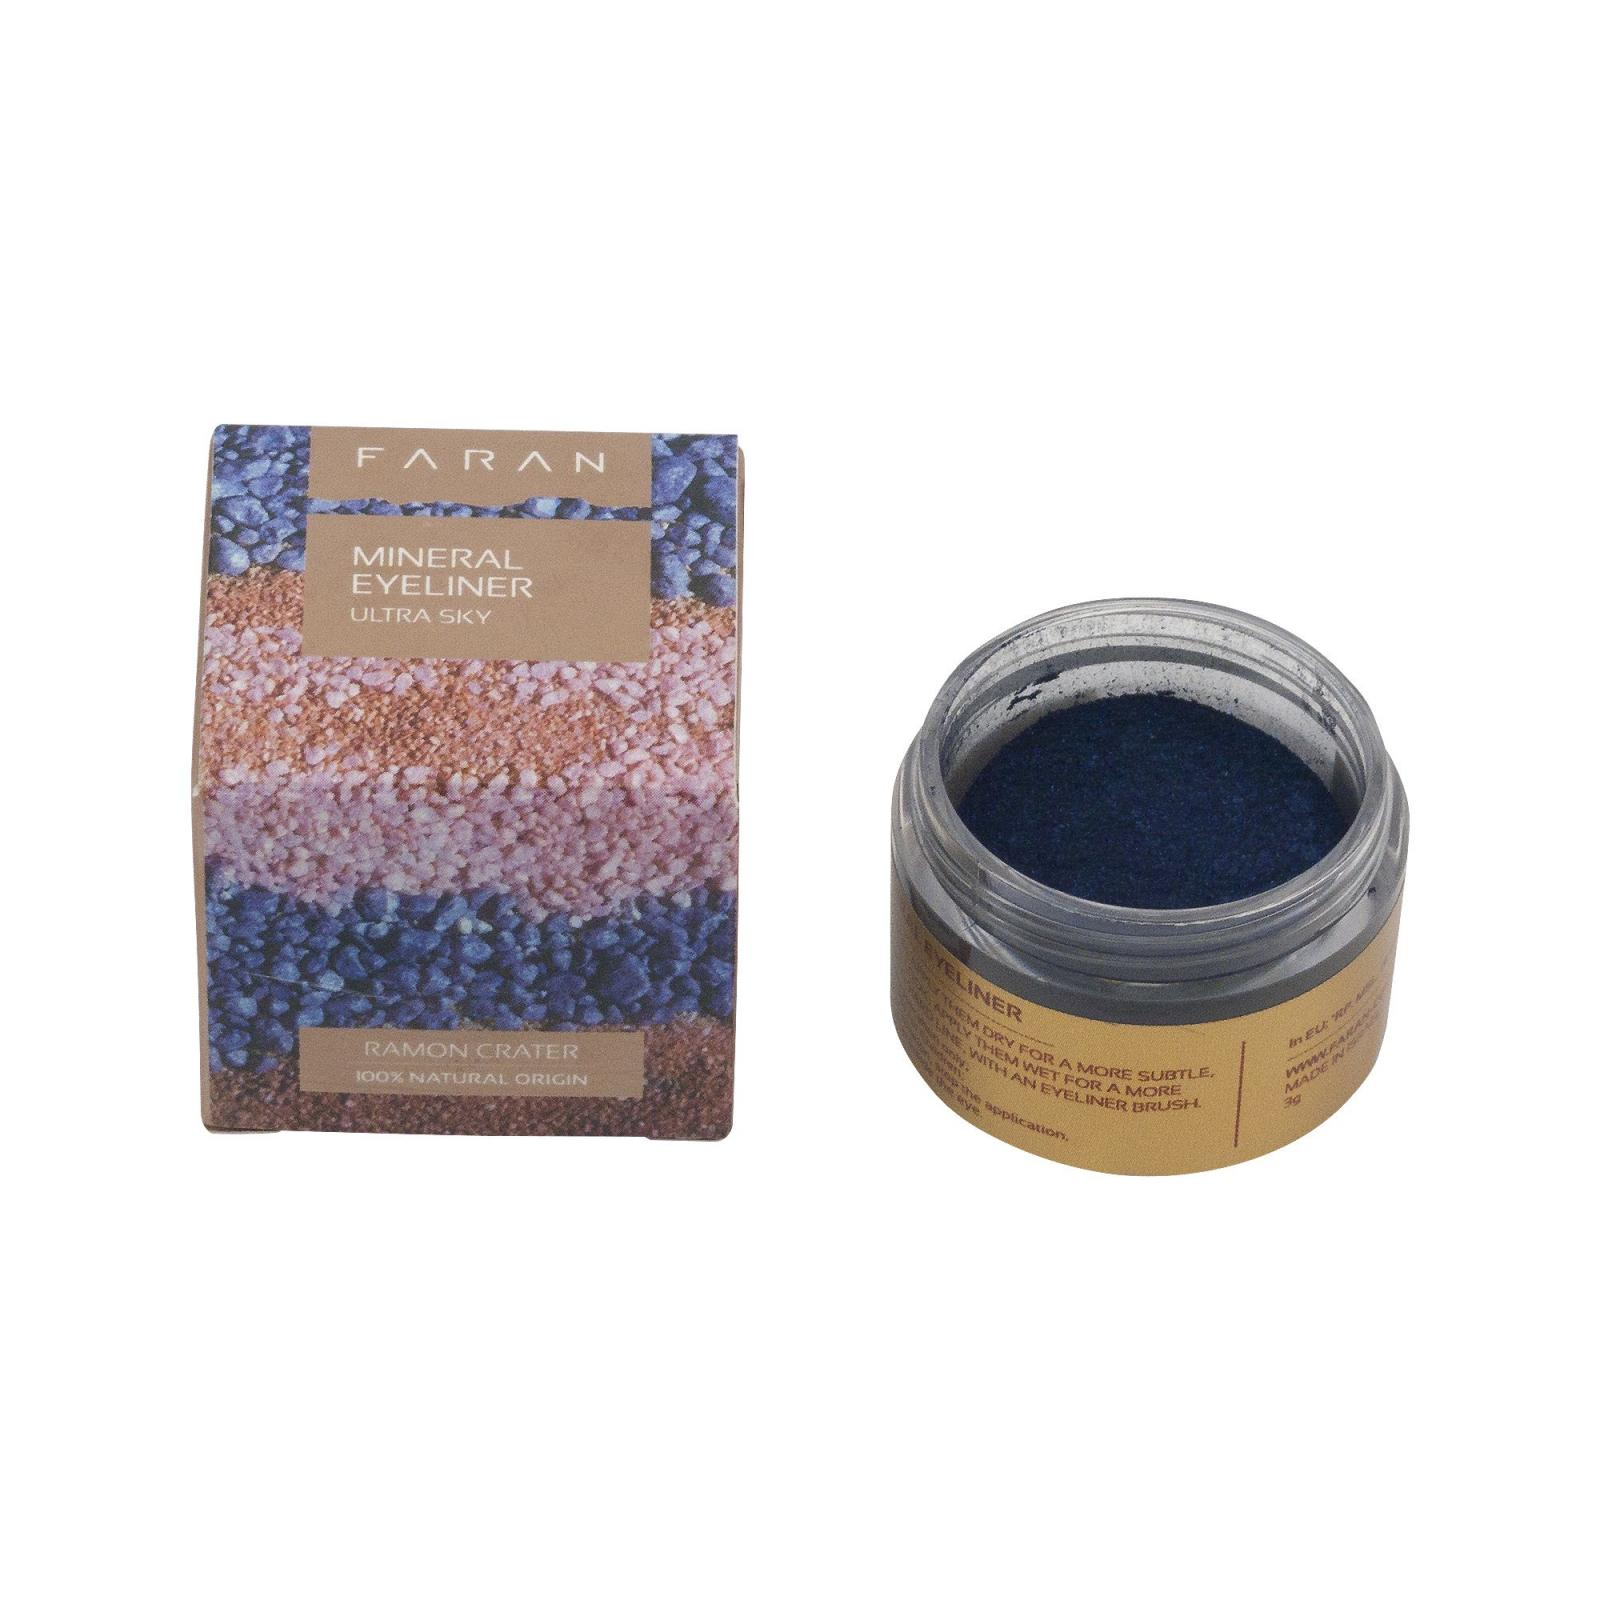 Faran Minerální oční linky, Ultra Sky Eyeliner 3 g, 15 ml